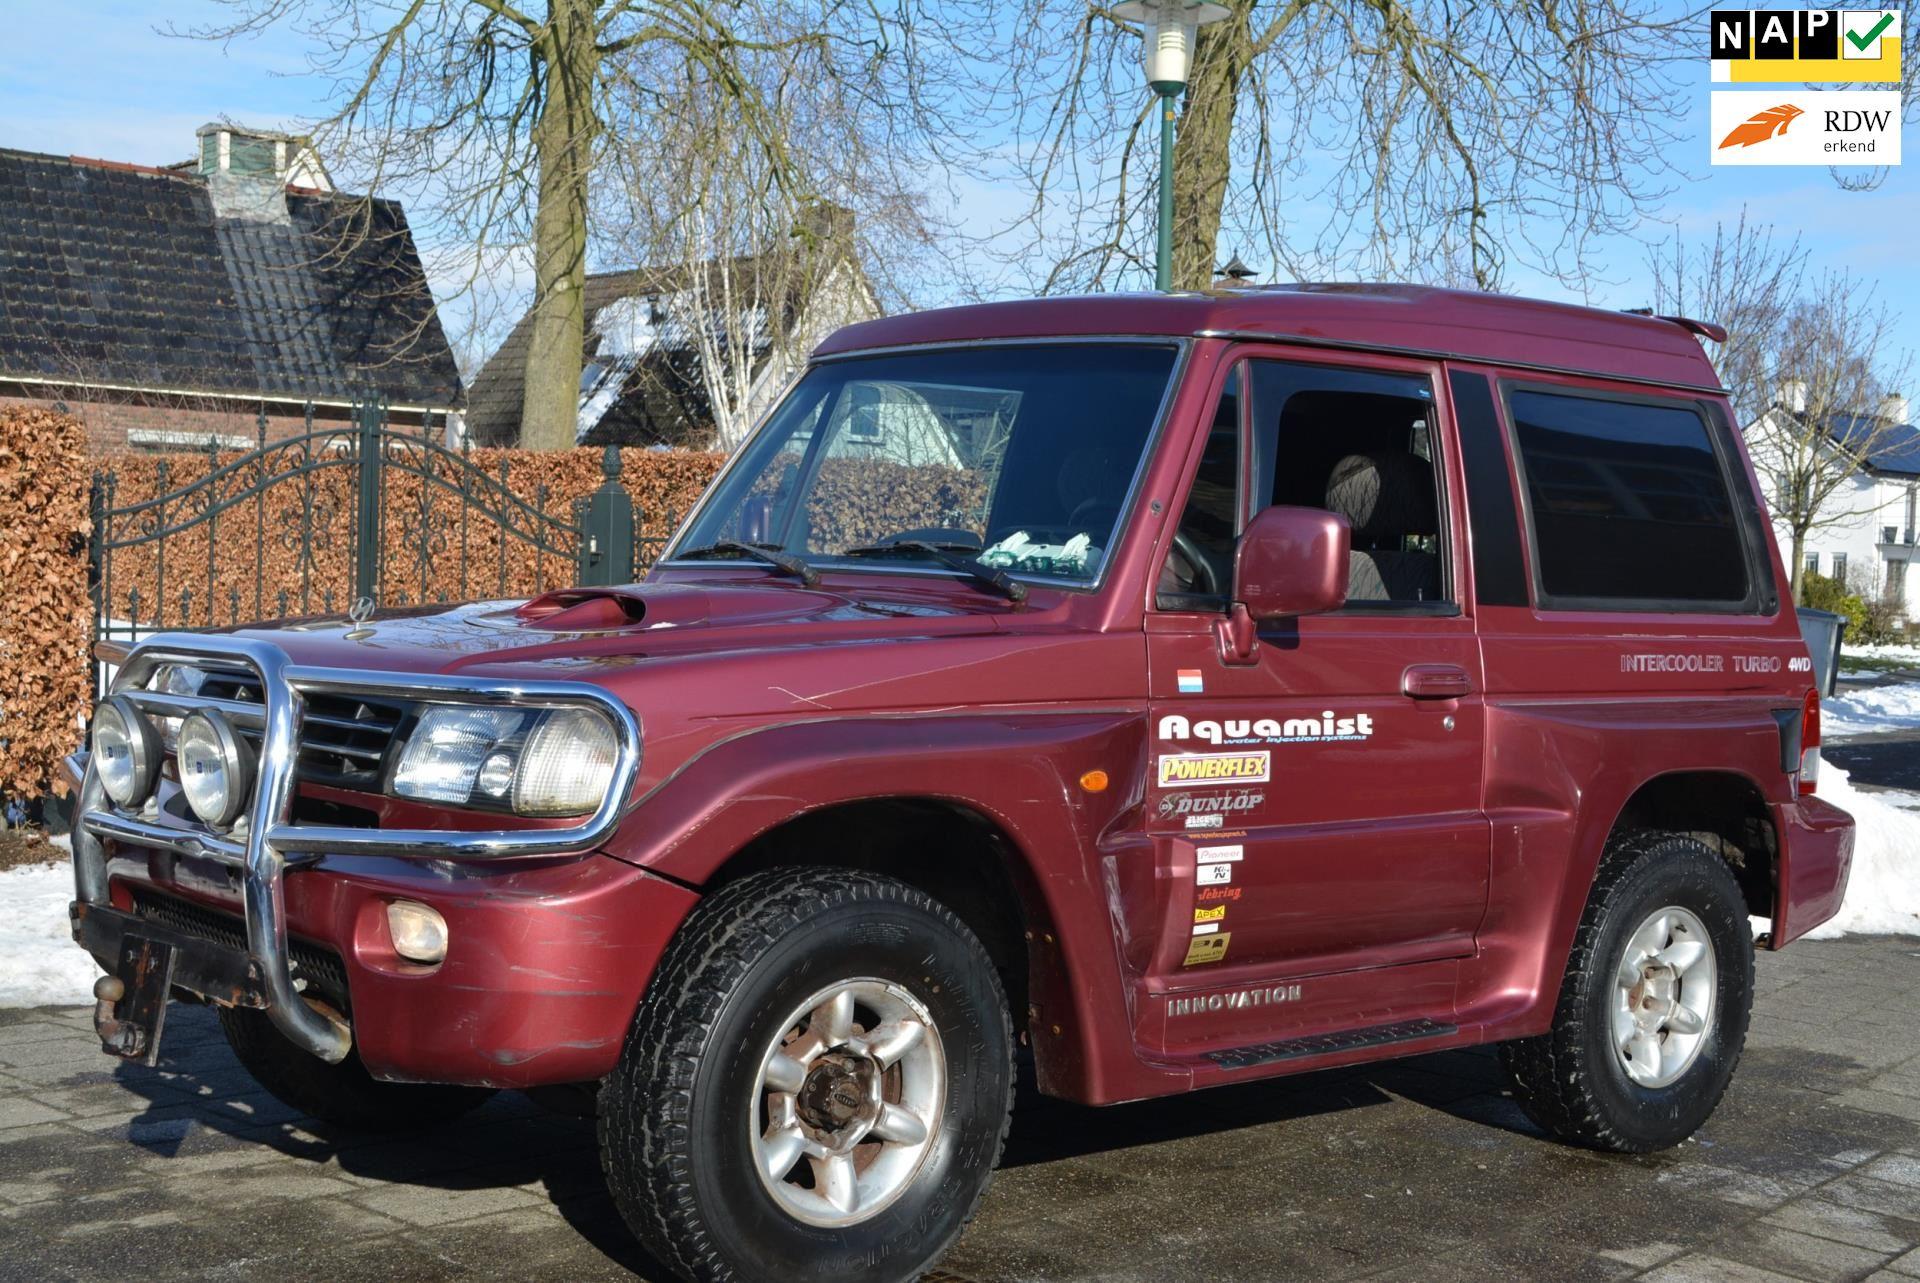 Mitsubitshi Galloper TC occasion - Autobedrijf Kiewiet (Auto 25)